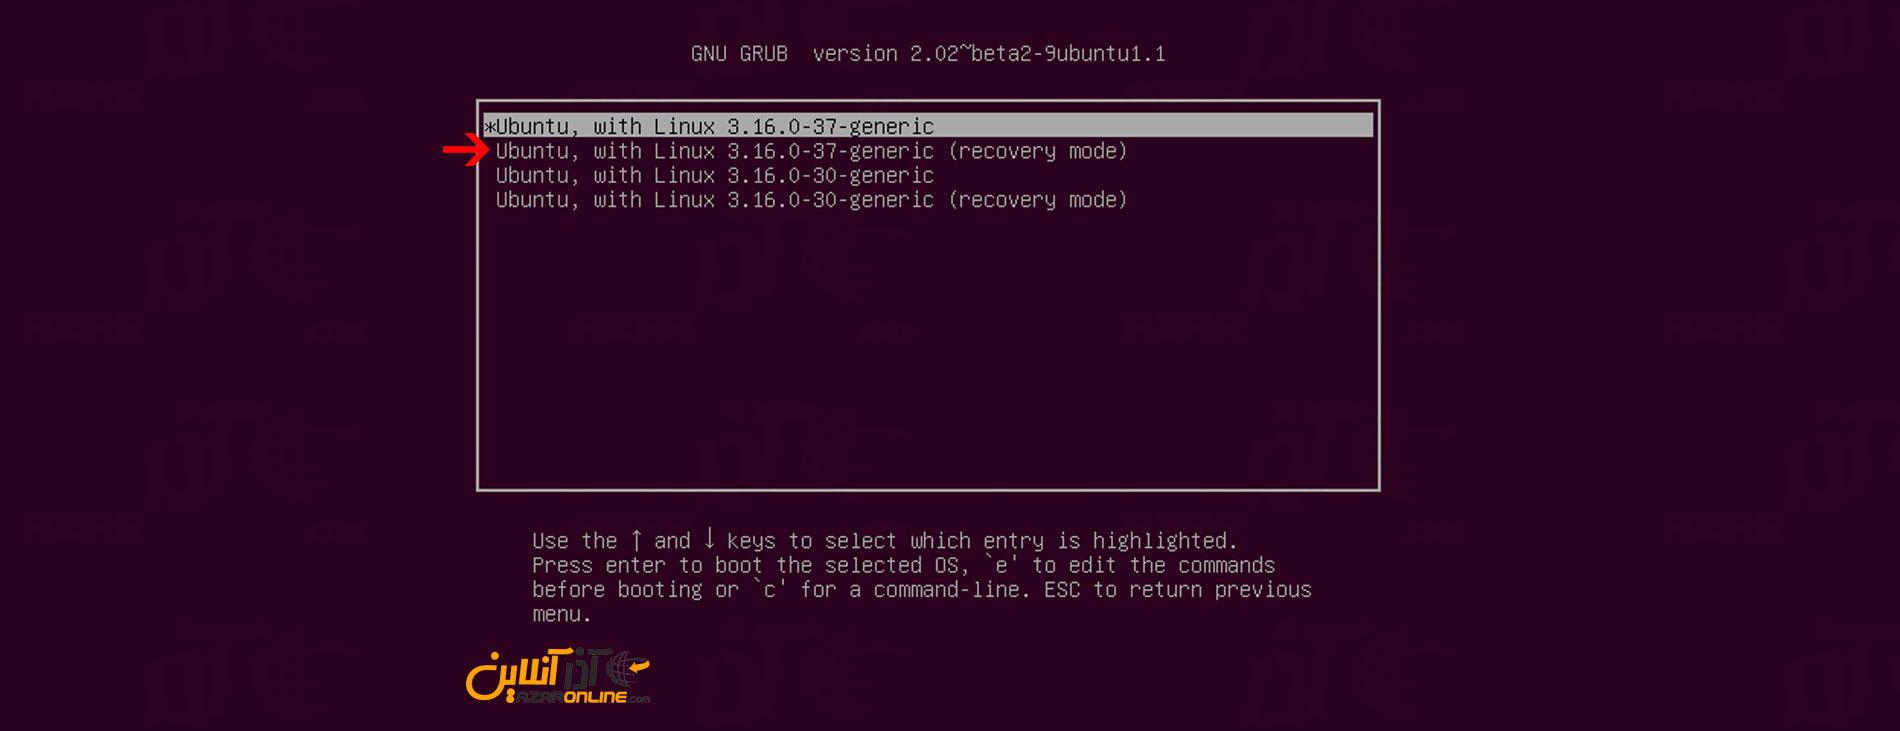 ریکاوری پسورد ubuntu - انتخاب recovery mode